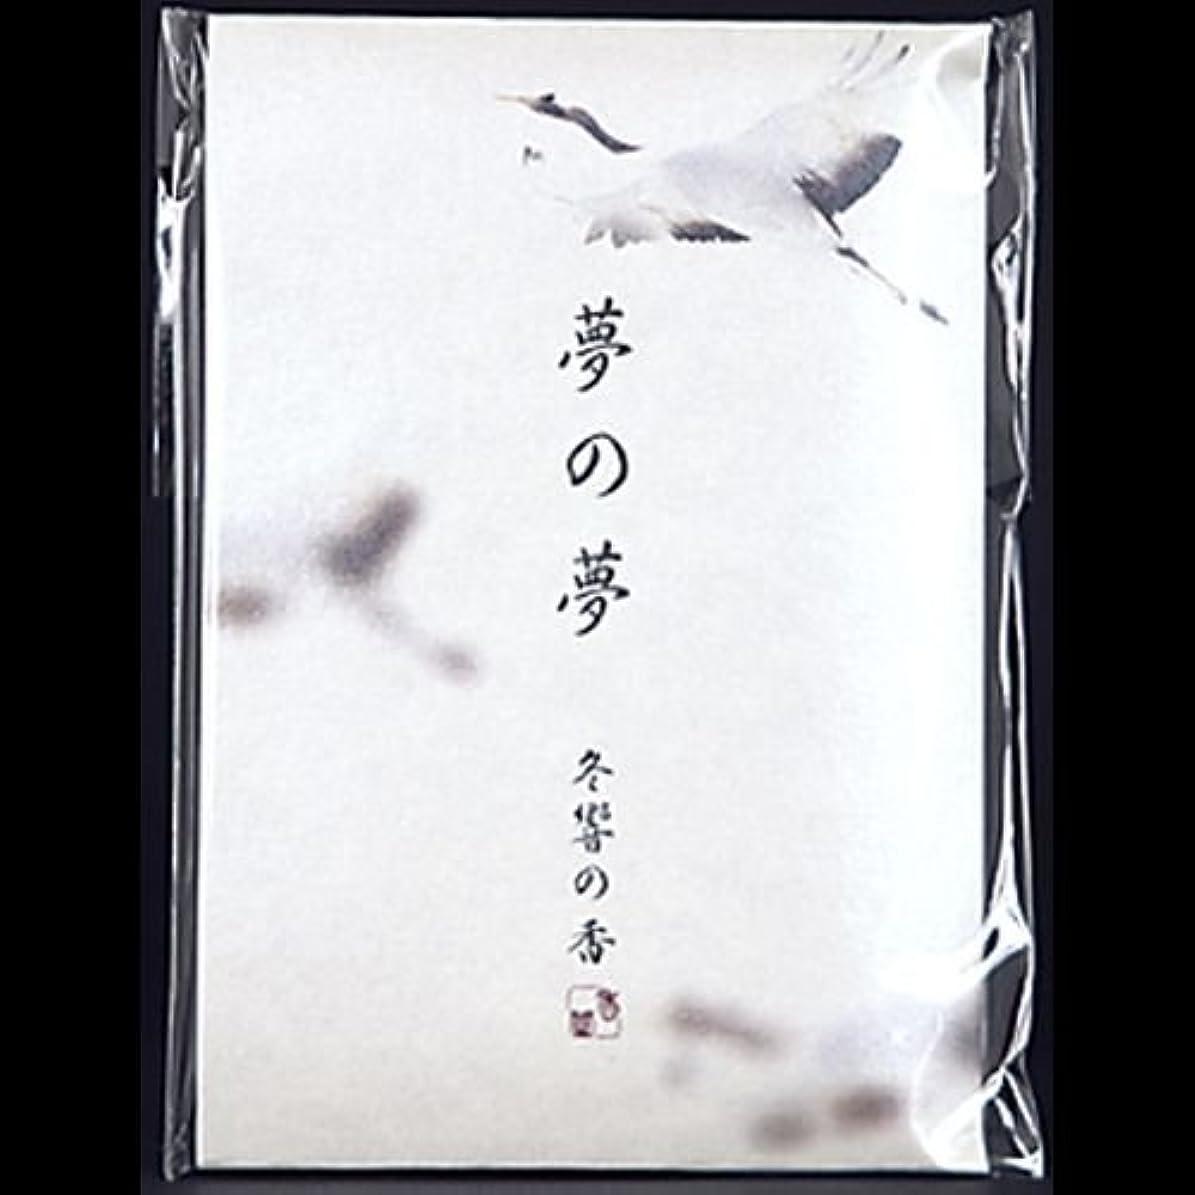 獣メタルラインペインギリック【まとめ買い】夢の夢 冬響の香 (鶴) スティック12本入 ×2セット